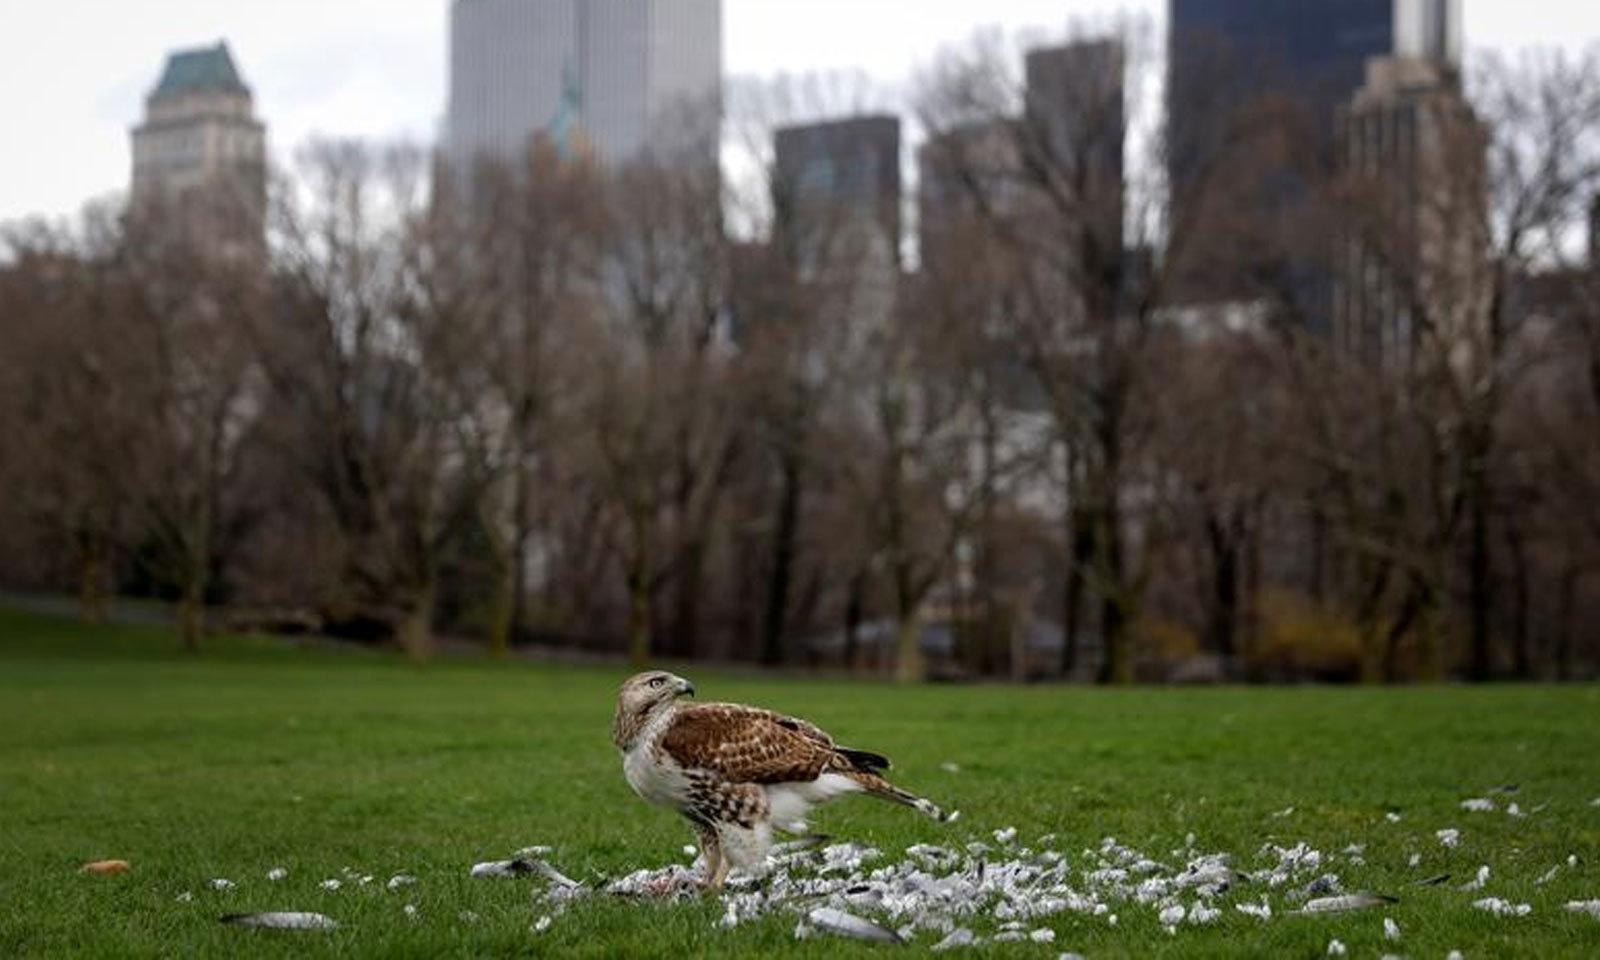 نیویارک  شہر کے سینٹرل پارک میں ایک باز کھانے سے لطف اندوز ہورہا ہے —فوٹو: رائٹرز